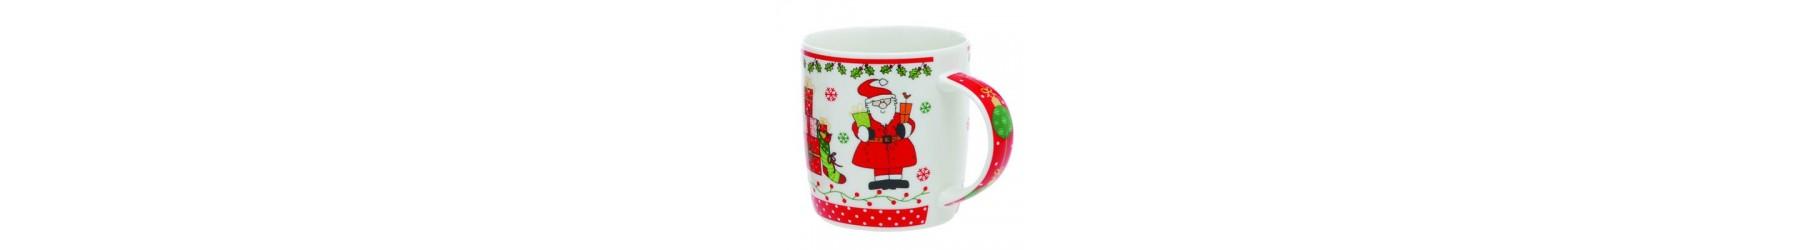 Κούπες με Χριστουγεννιάτικα σχέδια, σε διάφορα μεγέθη και χρώματα